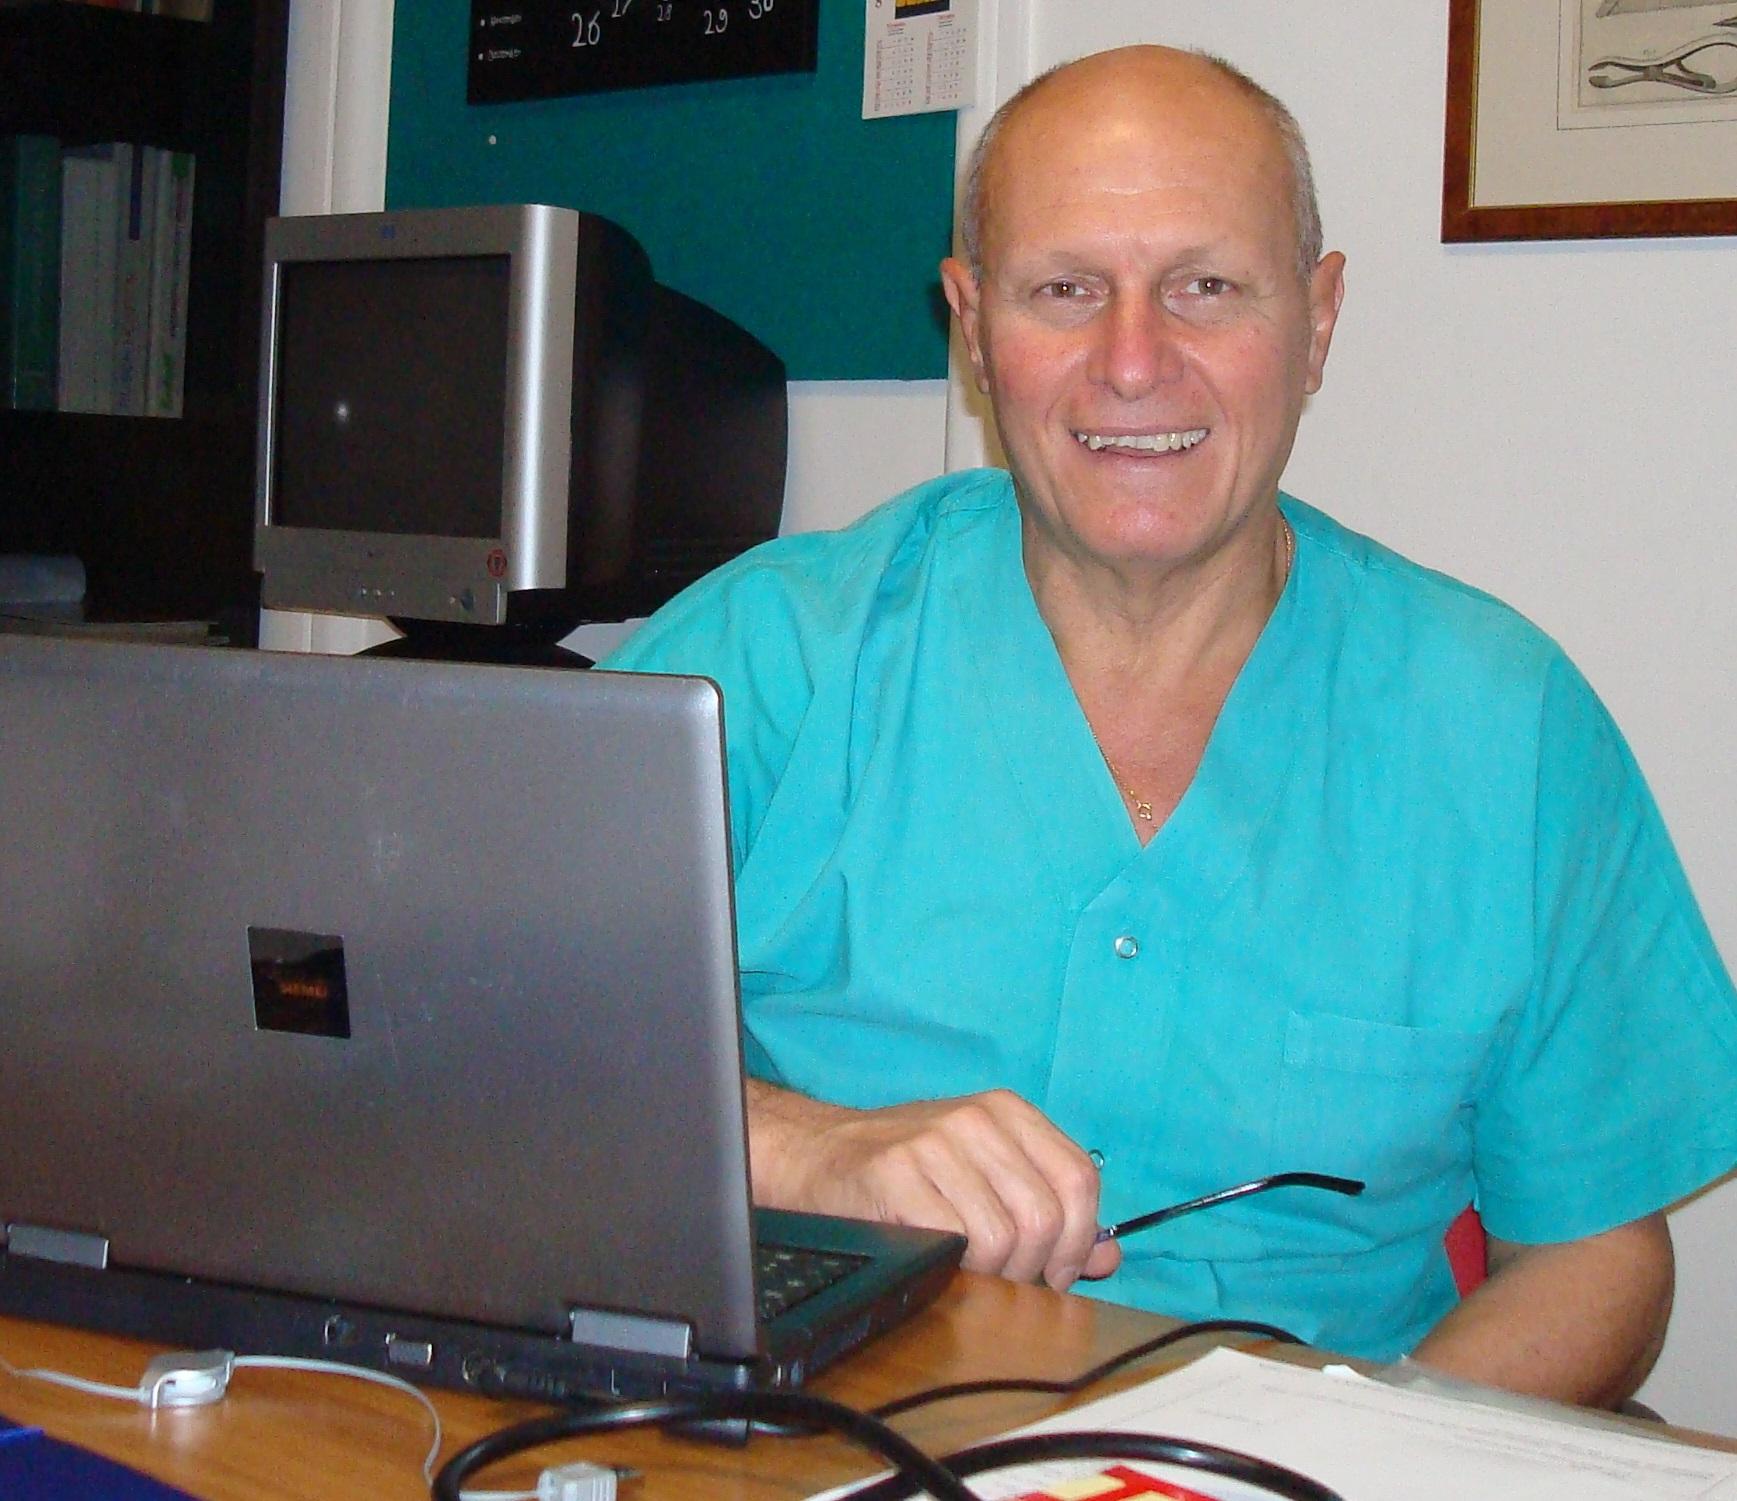 Dr. Gabriele Munegato - Chirurgo Generale a Treviso, Padova